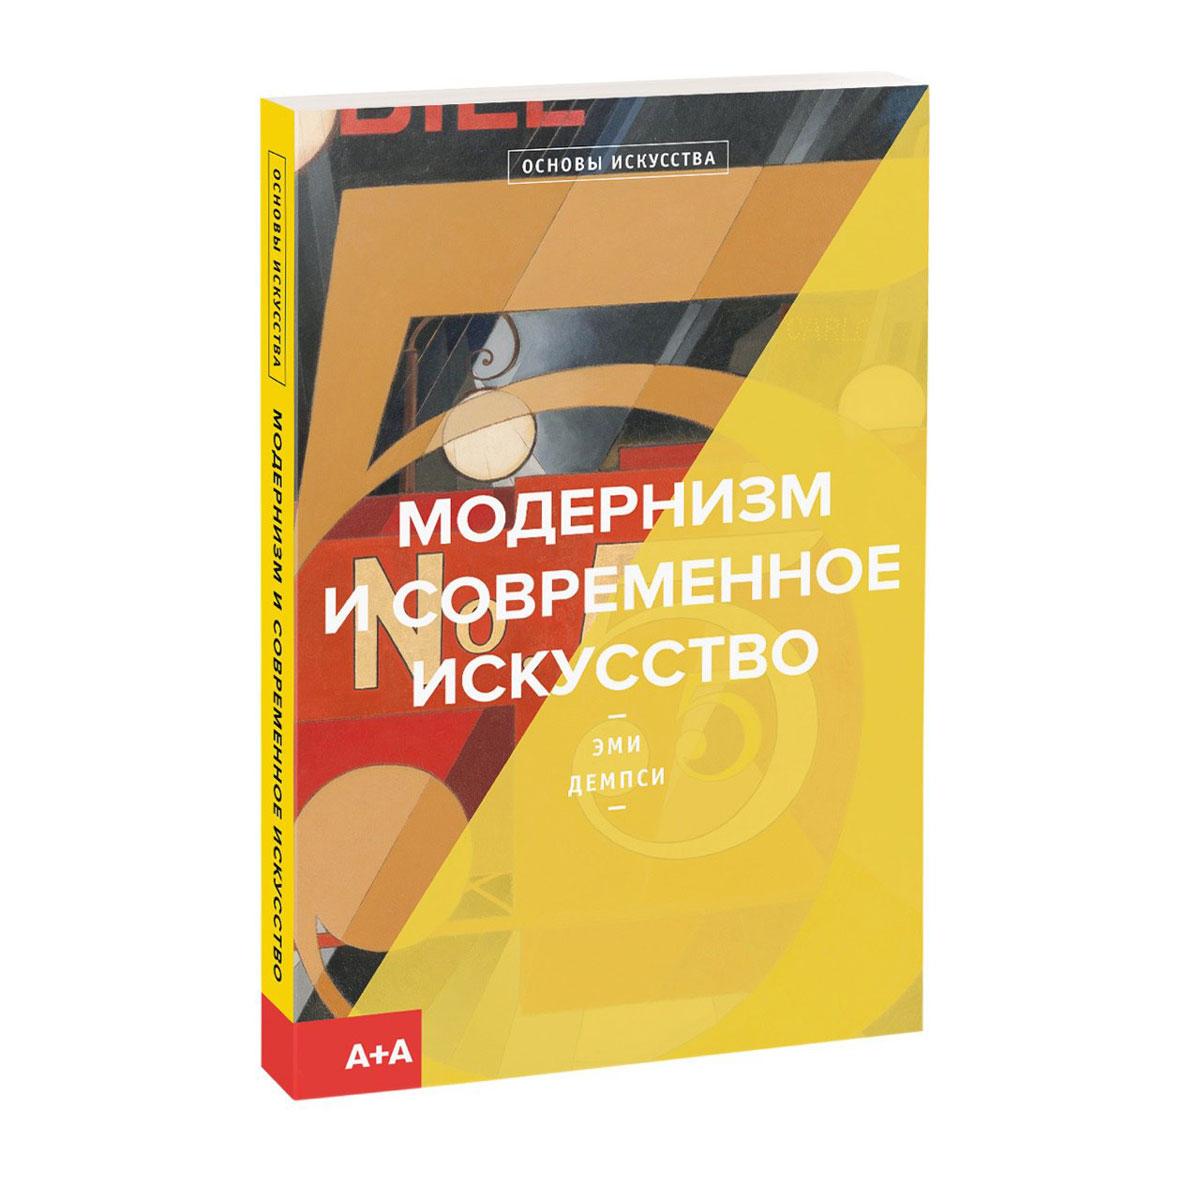 Эми Демпси Модернизм и современное искусство